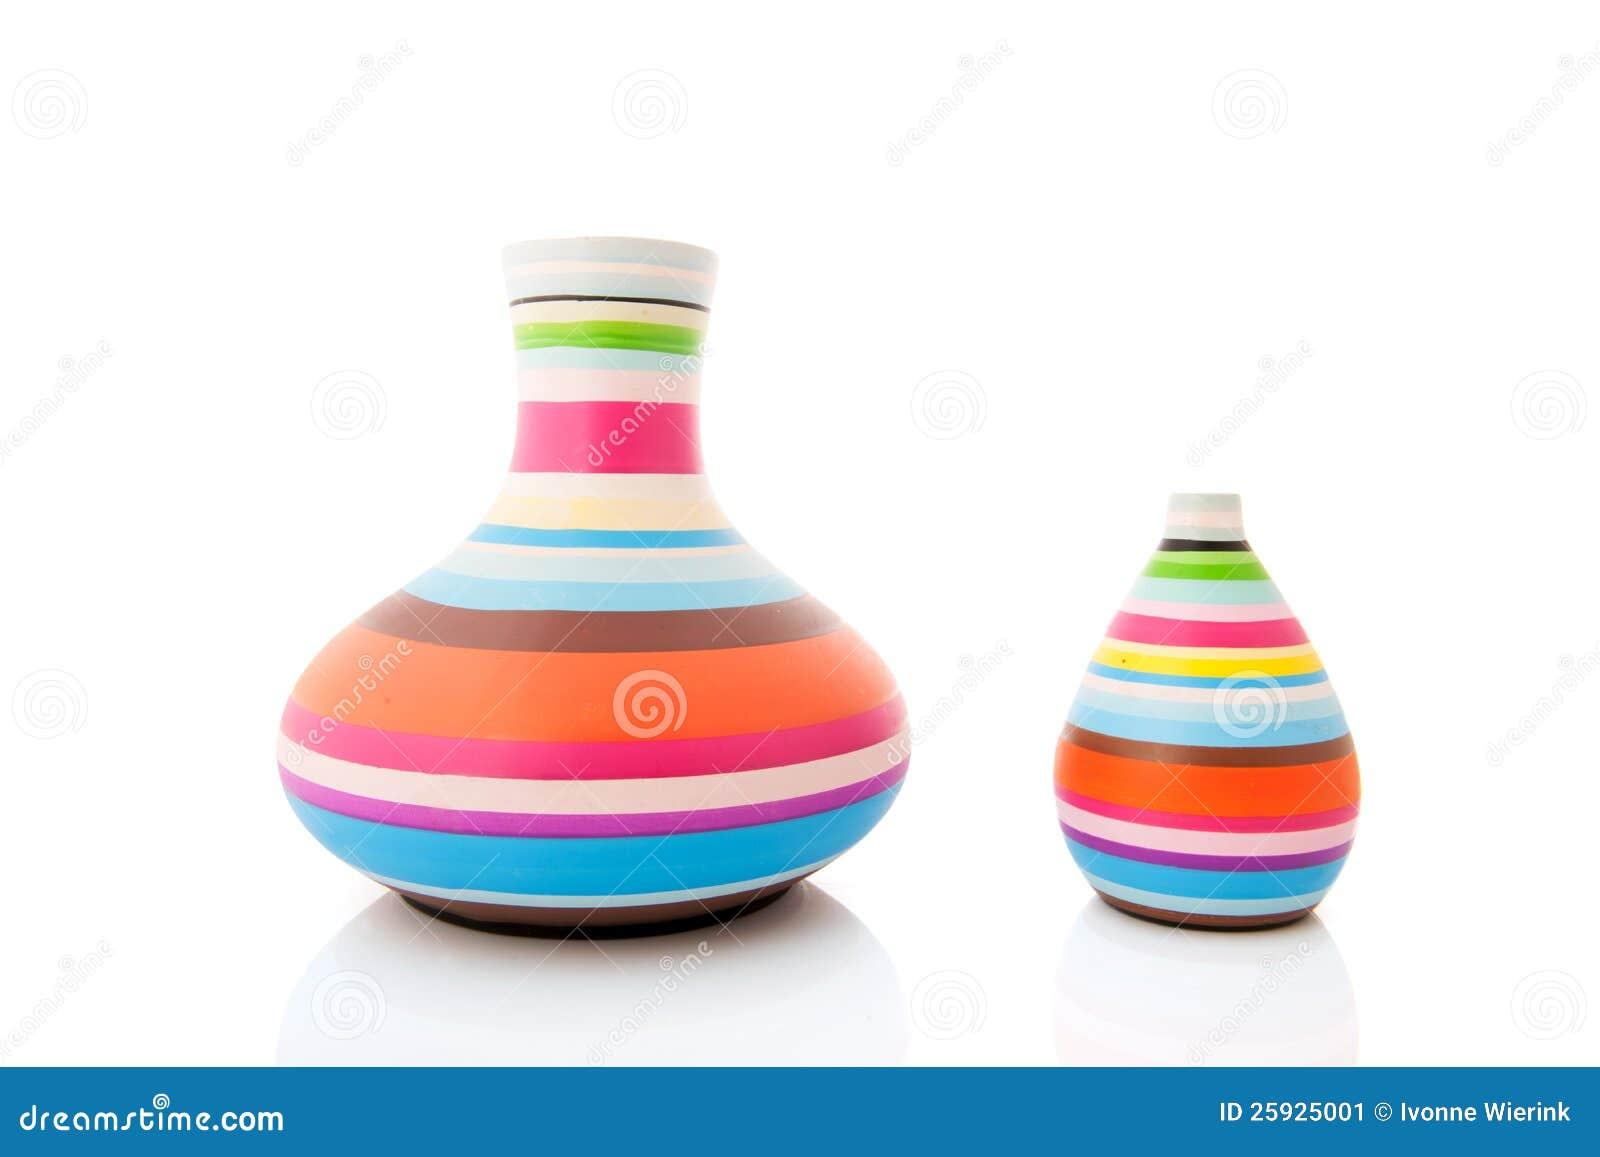 white modern vases stock photos  image  - modern vases stock image